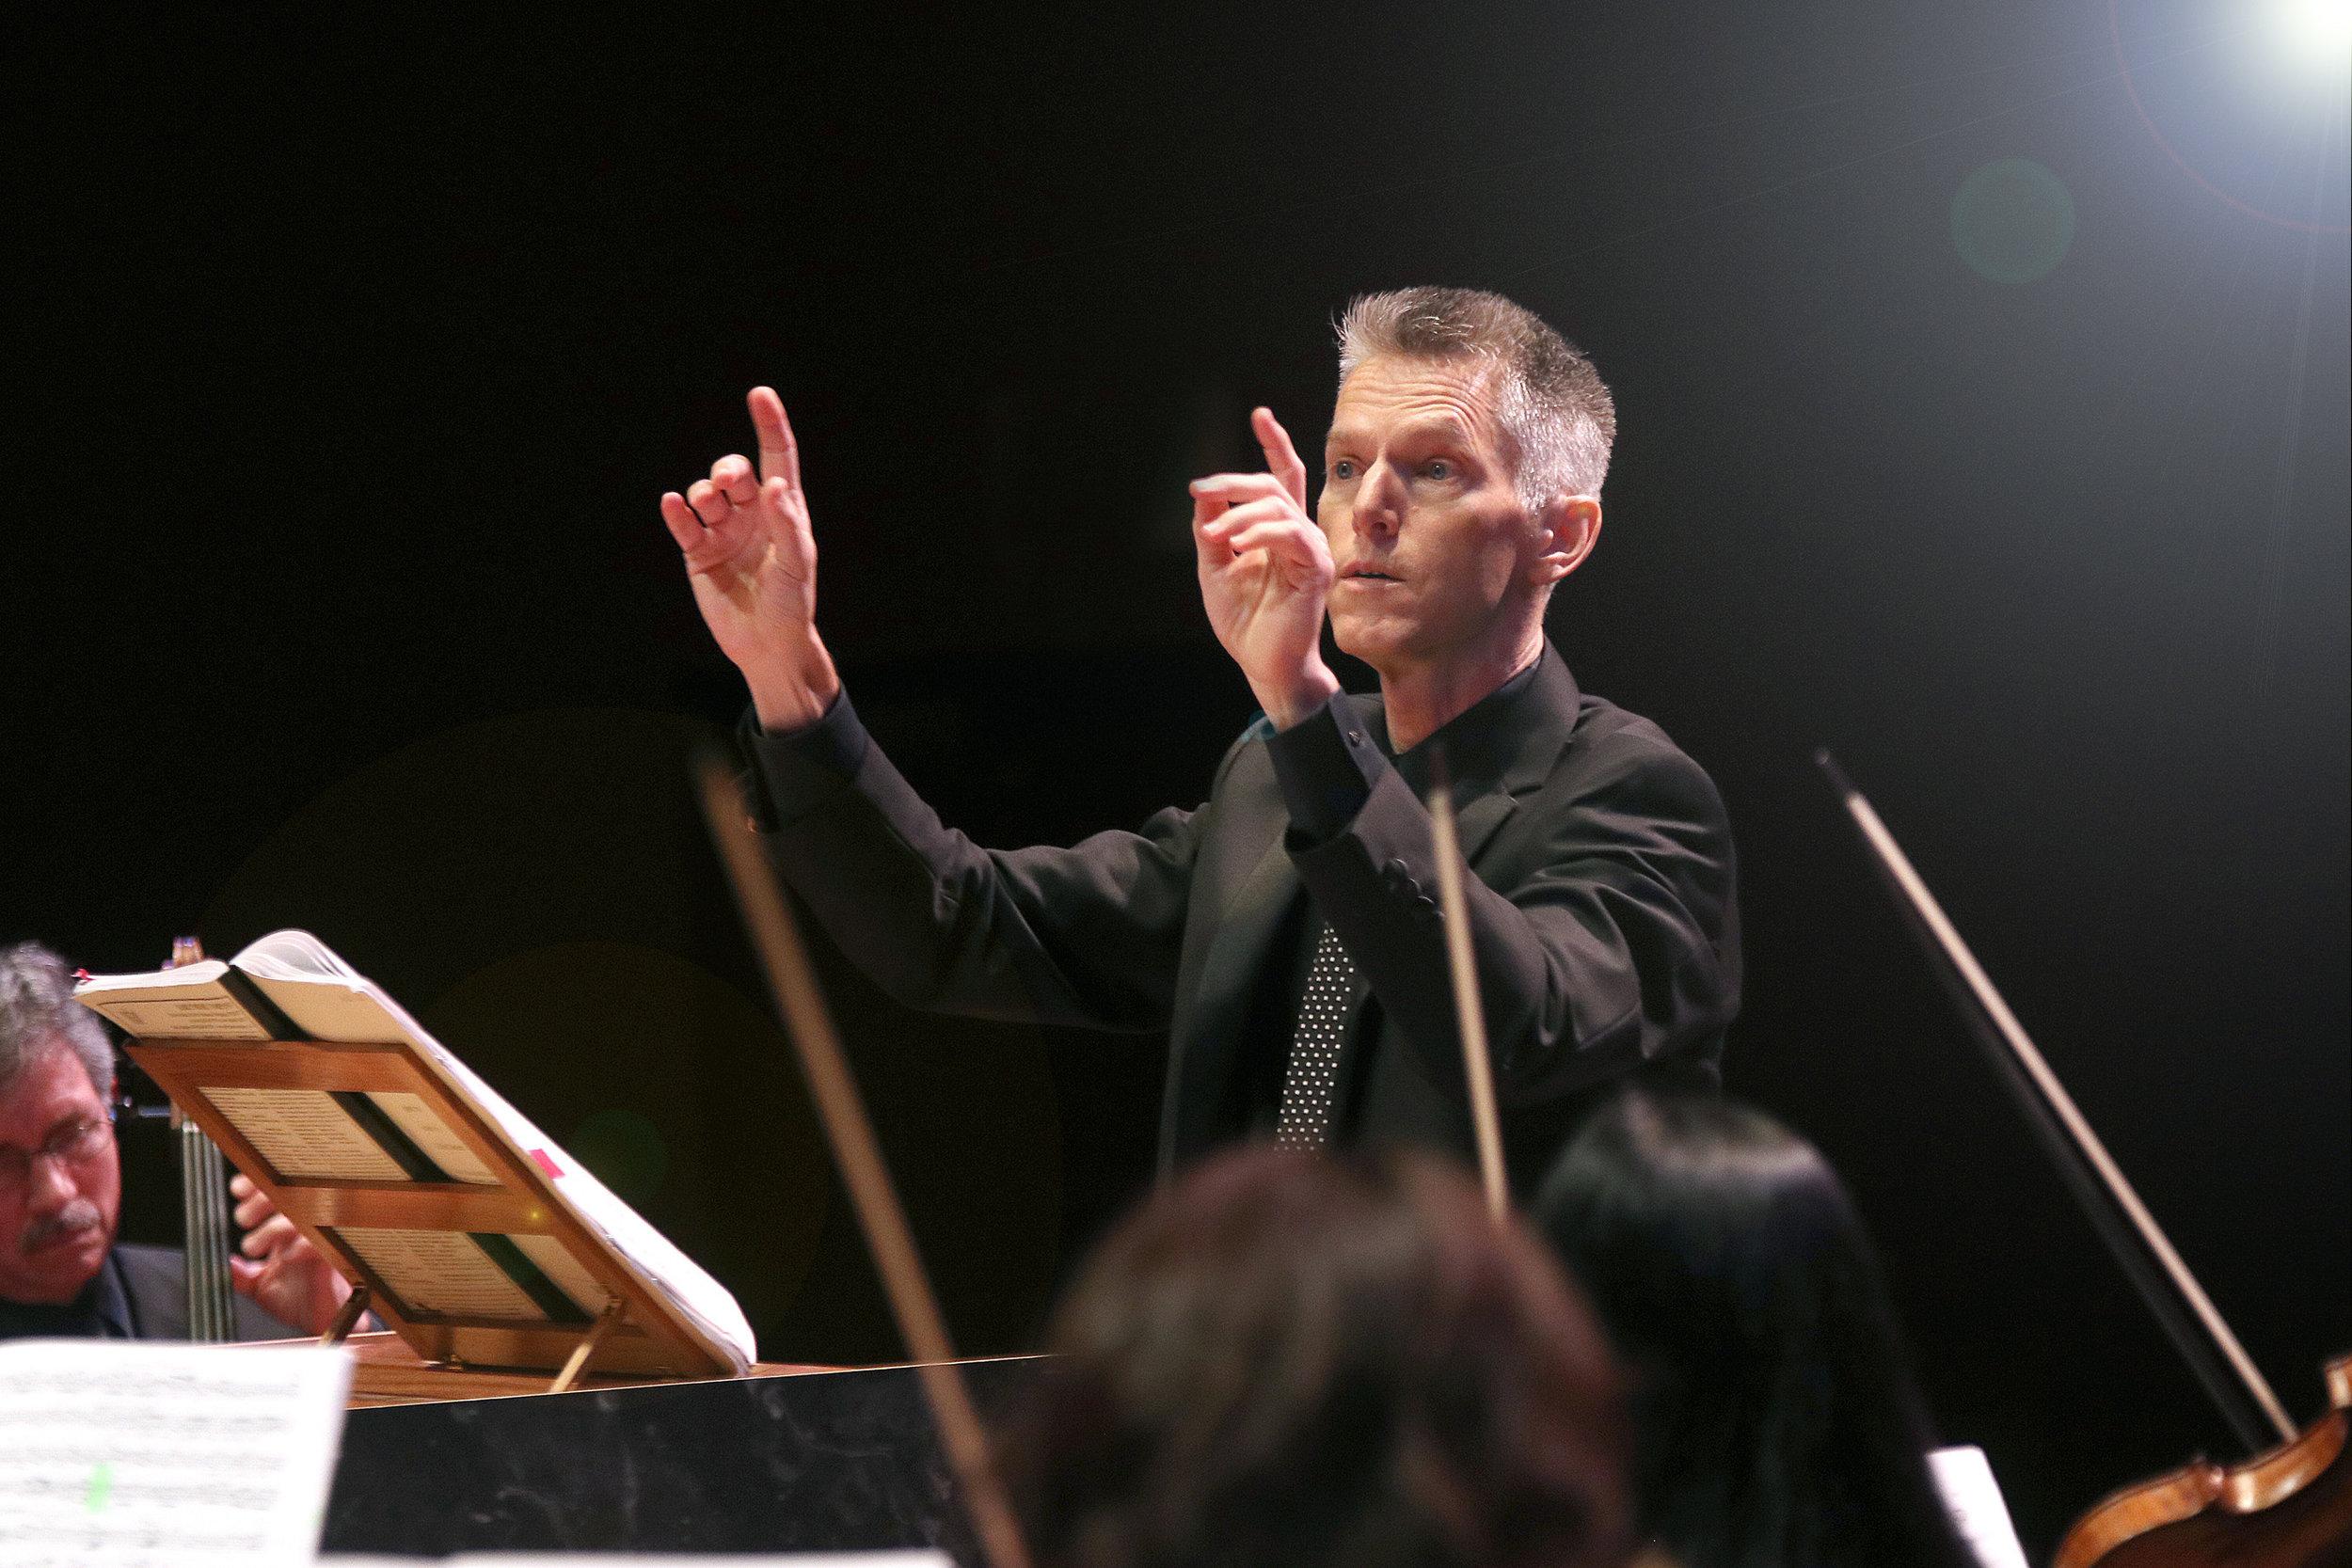 Matthew Dirst, organist, harpsichordist, conductor